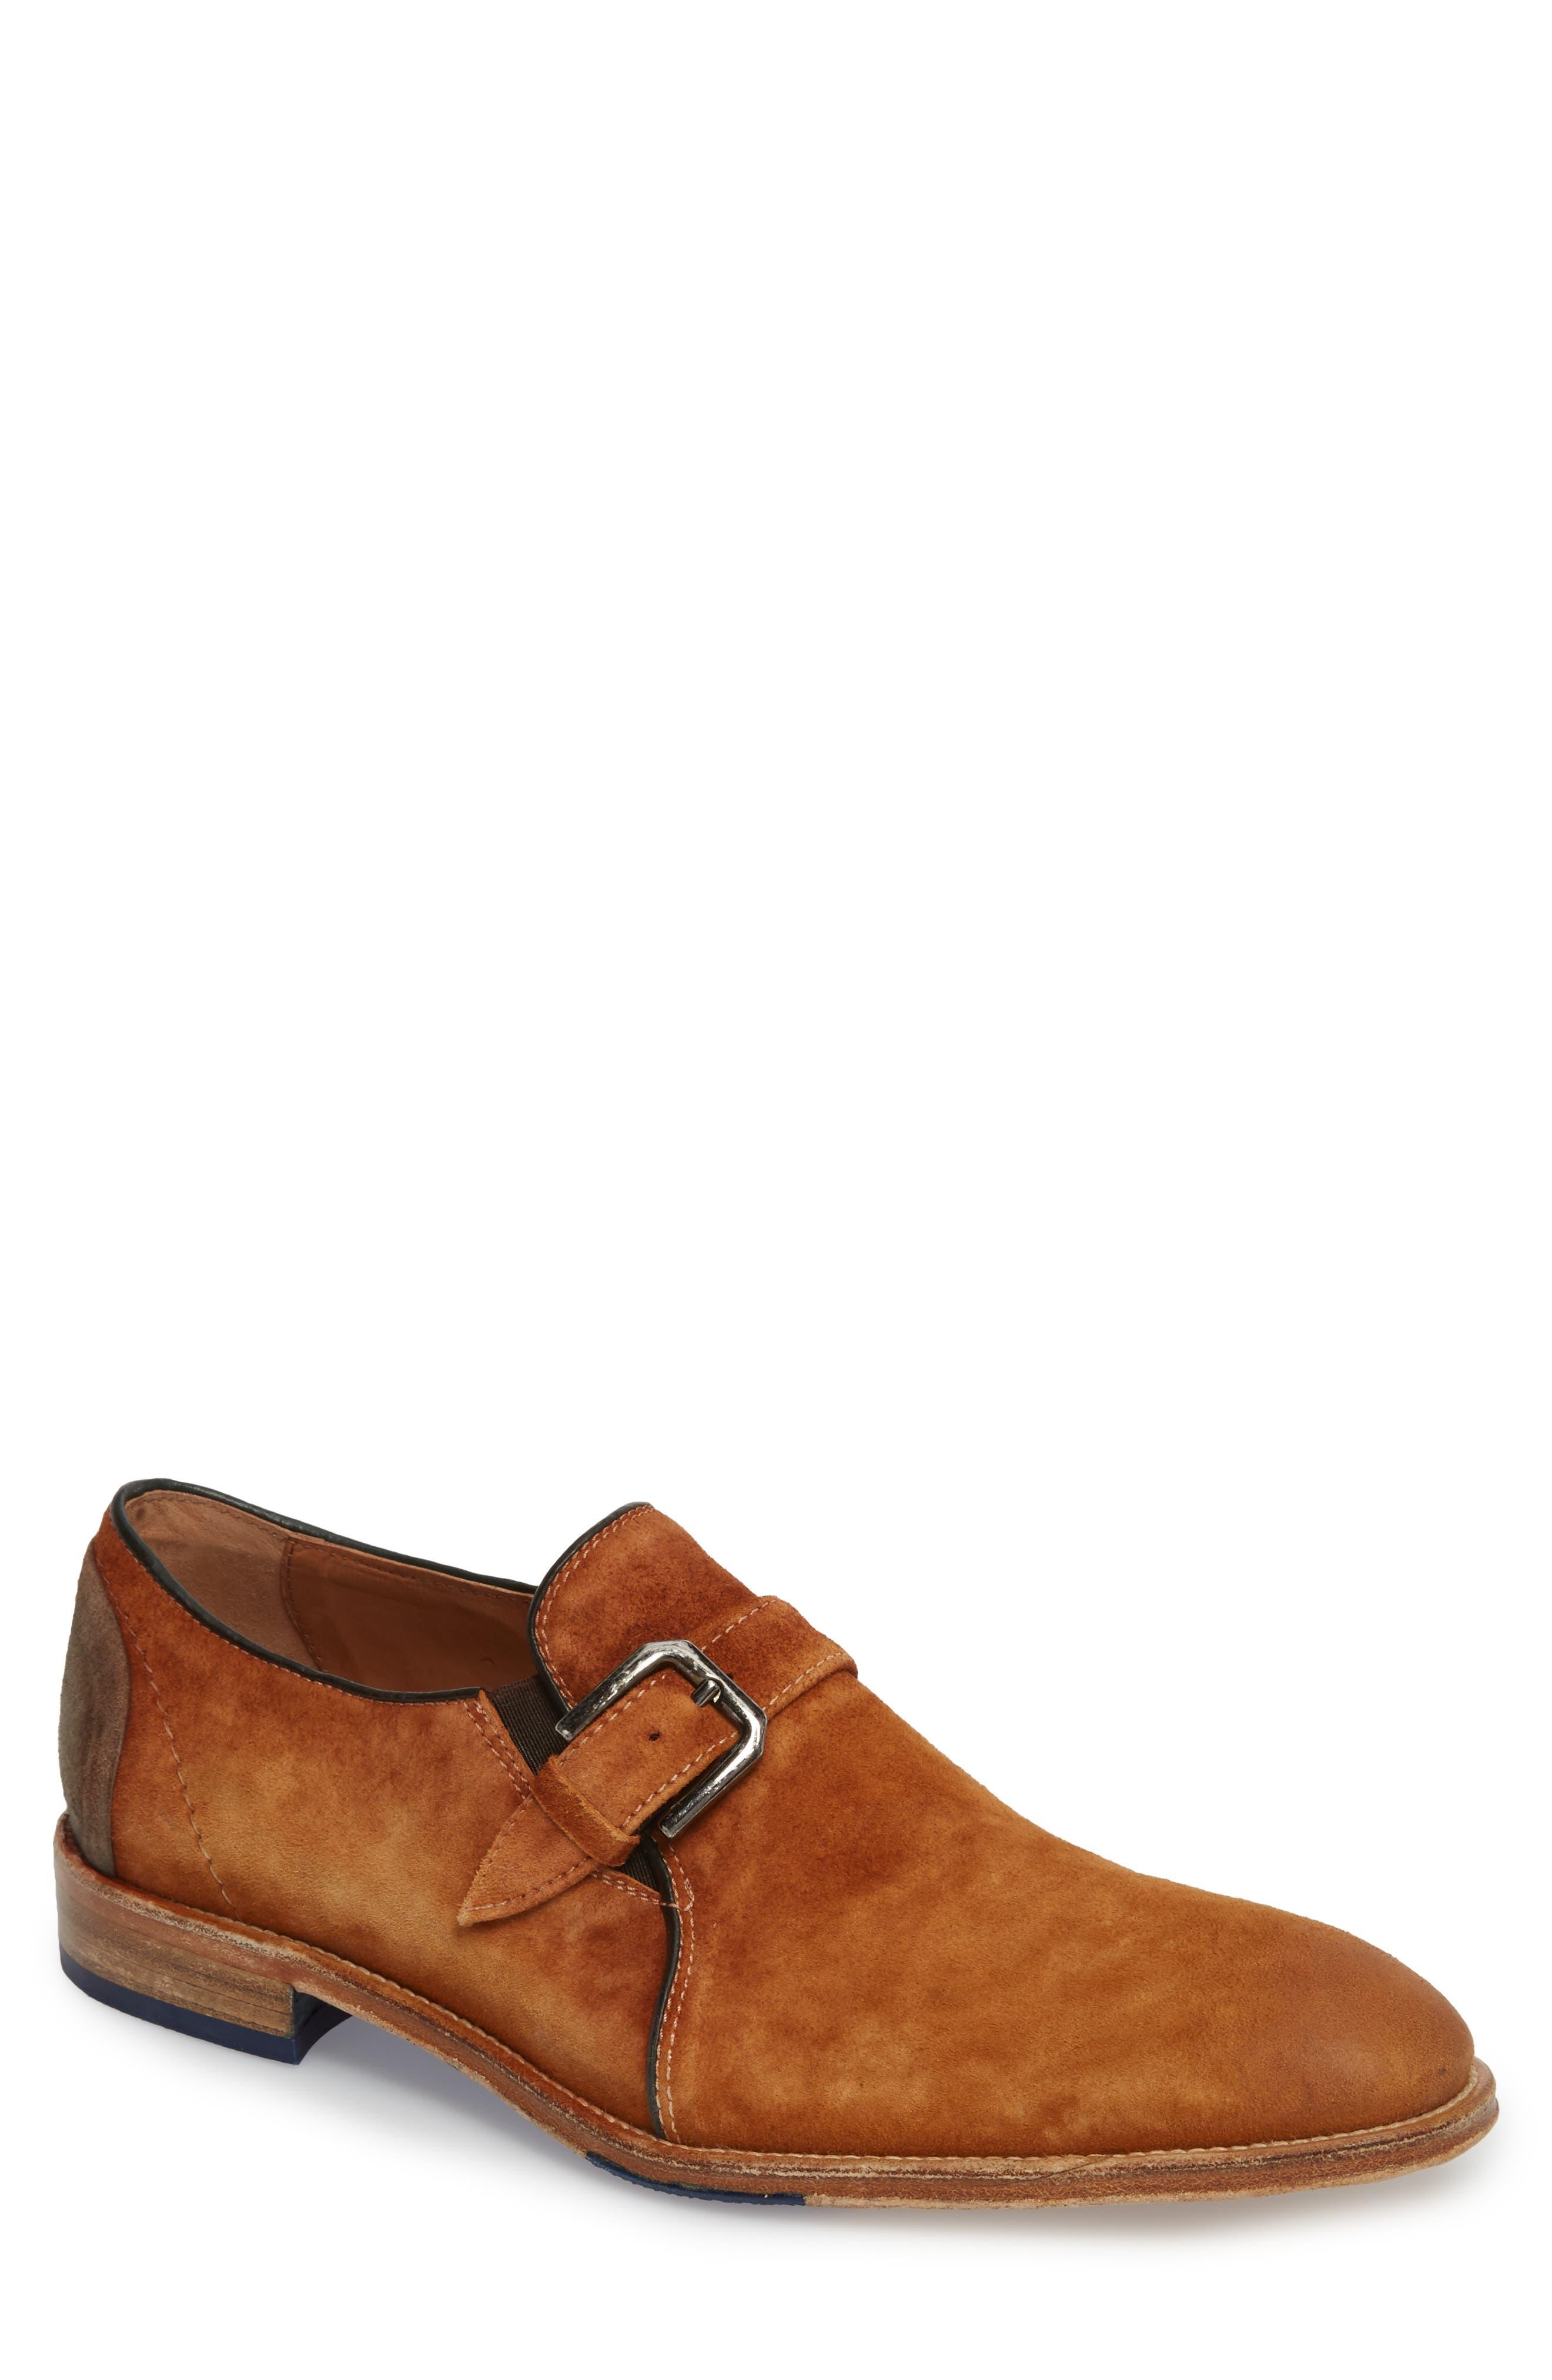 Alex Single Buckle Monk Shoe,                             Main thumbnail 1, color,                             Tan Wash Suede